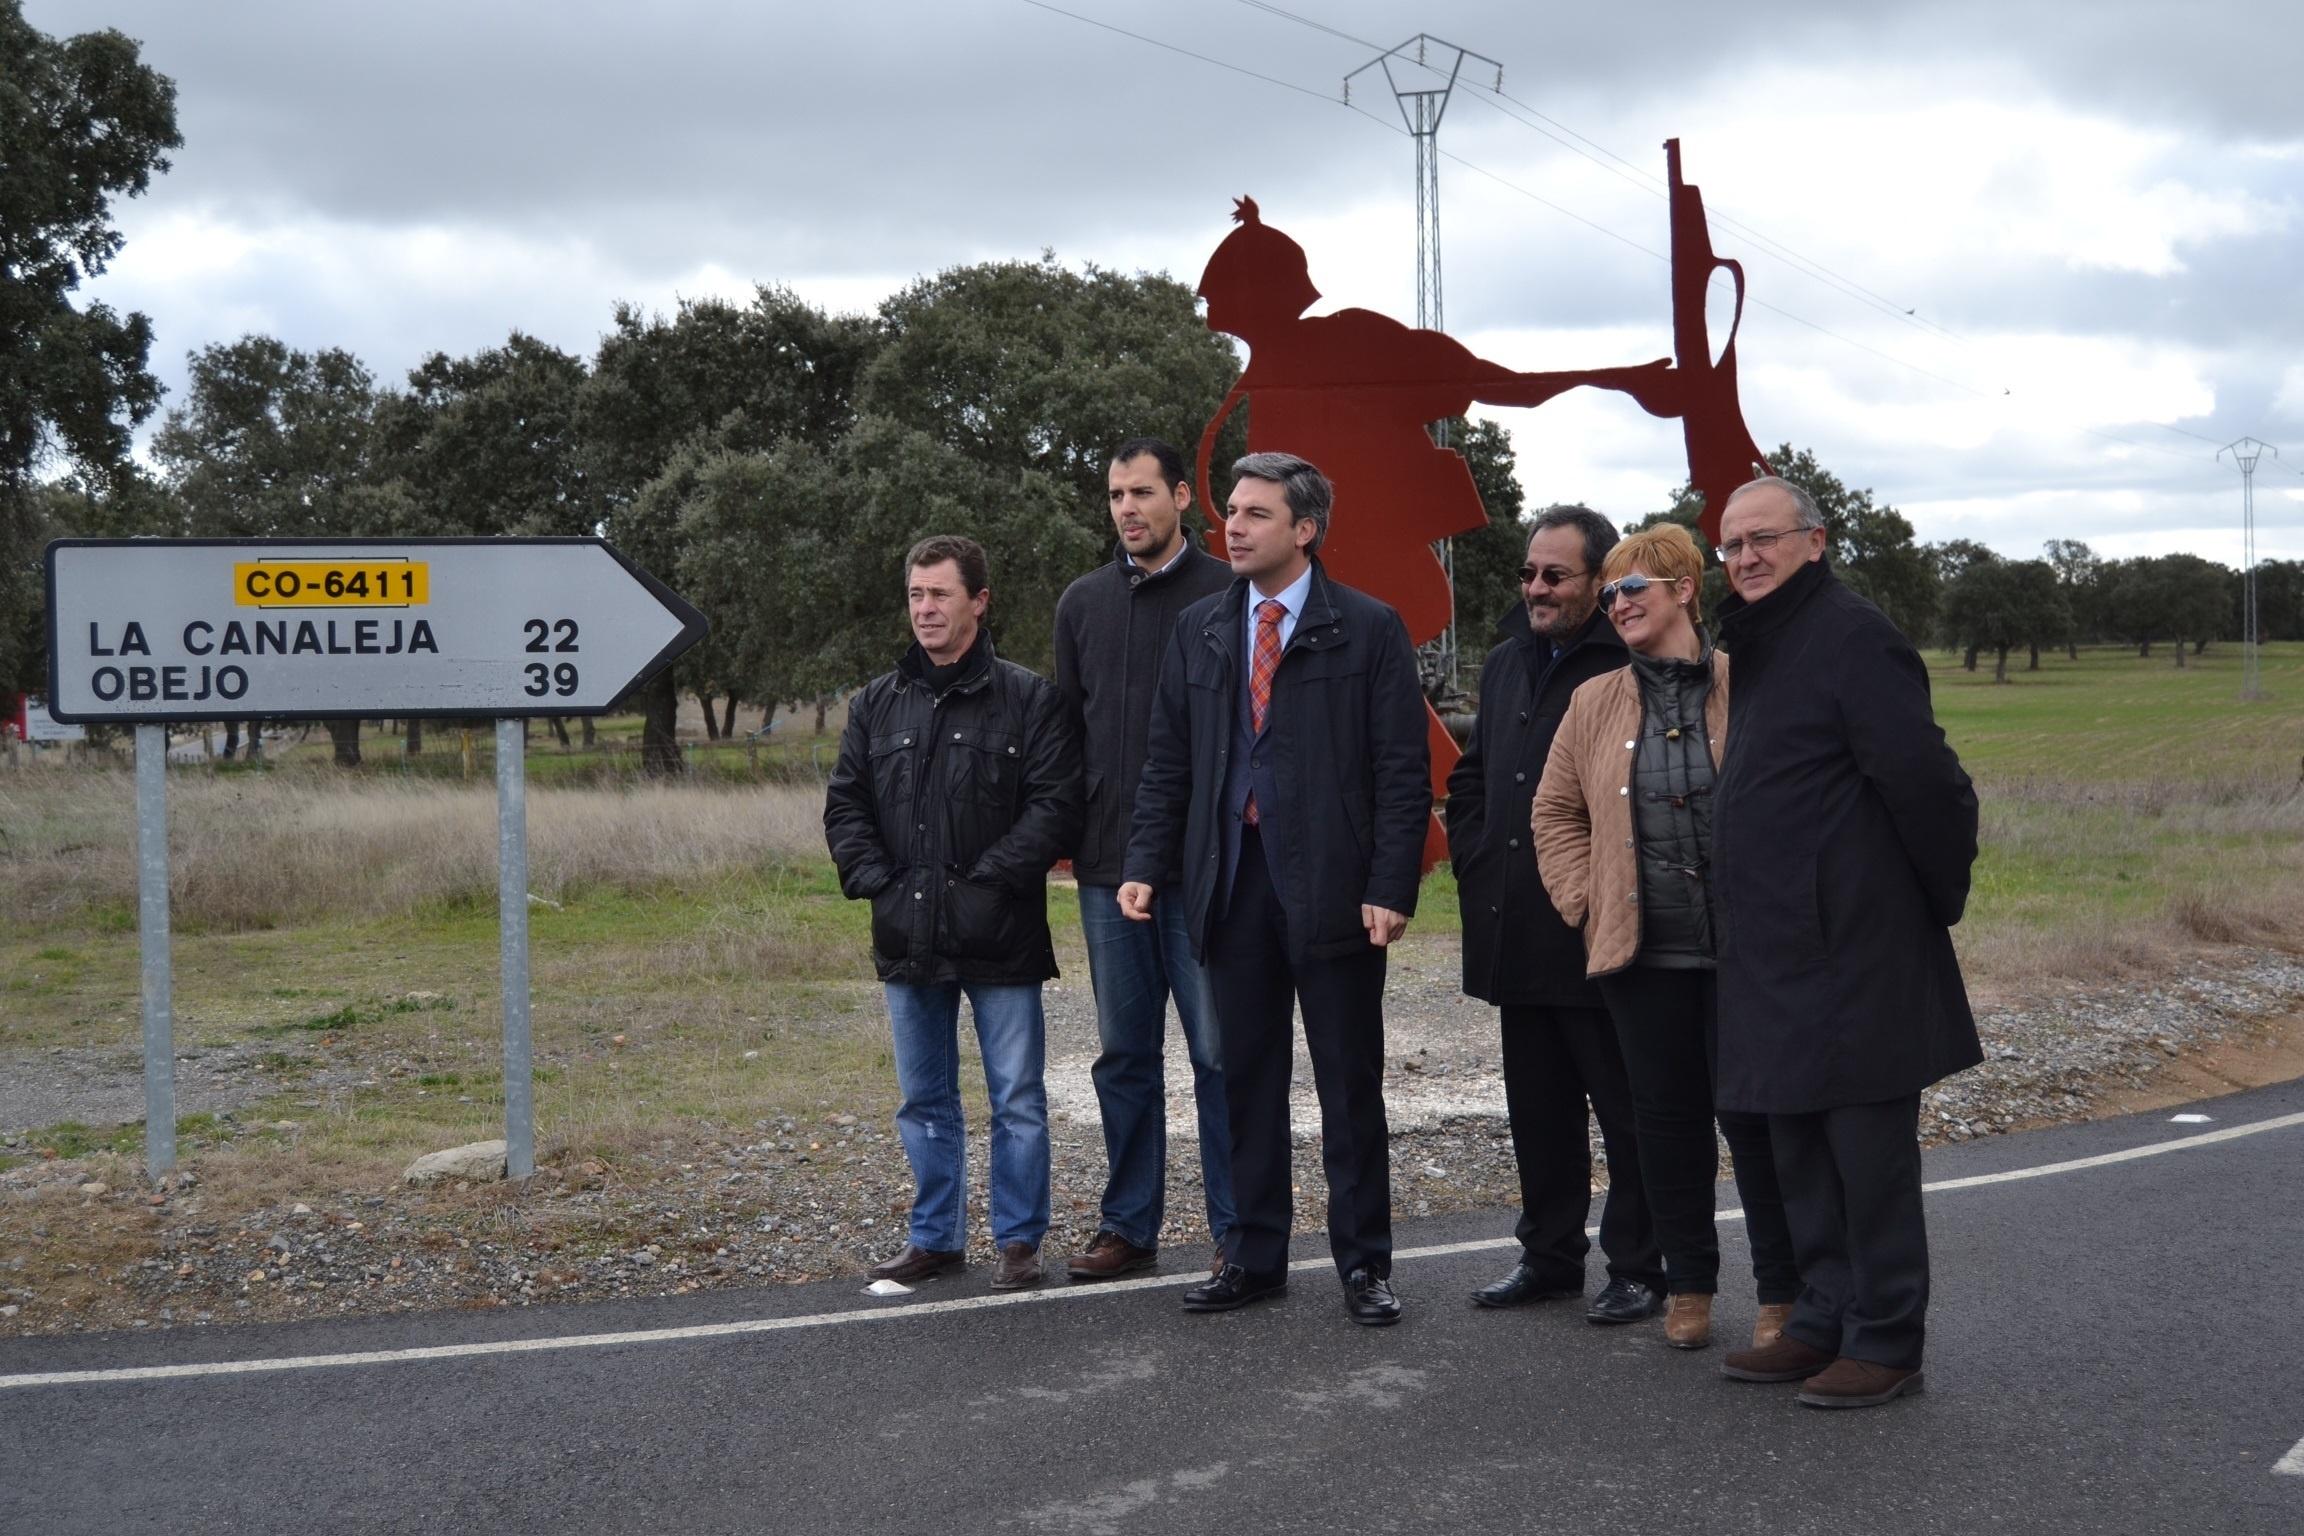 La Diputación culmina la obra de mejora de la CO-6411 »De la Canaleja», que une Pozoblanco y Obejo